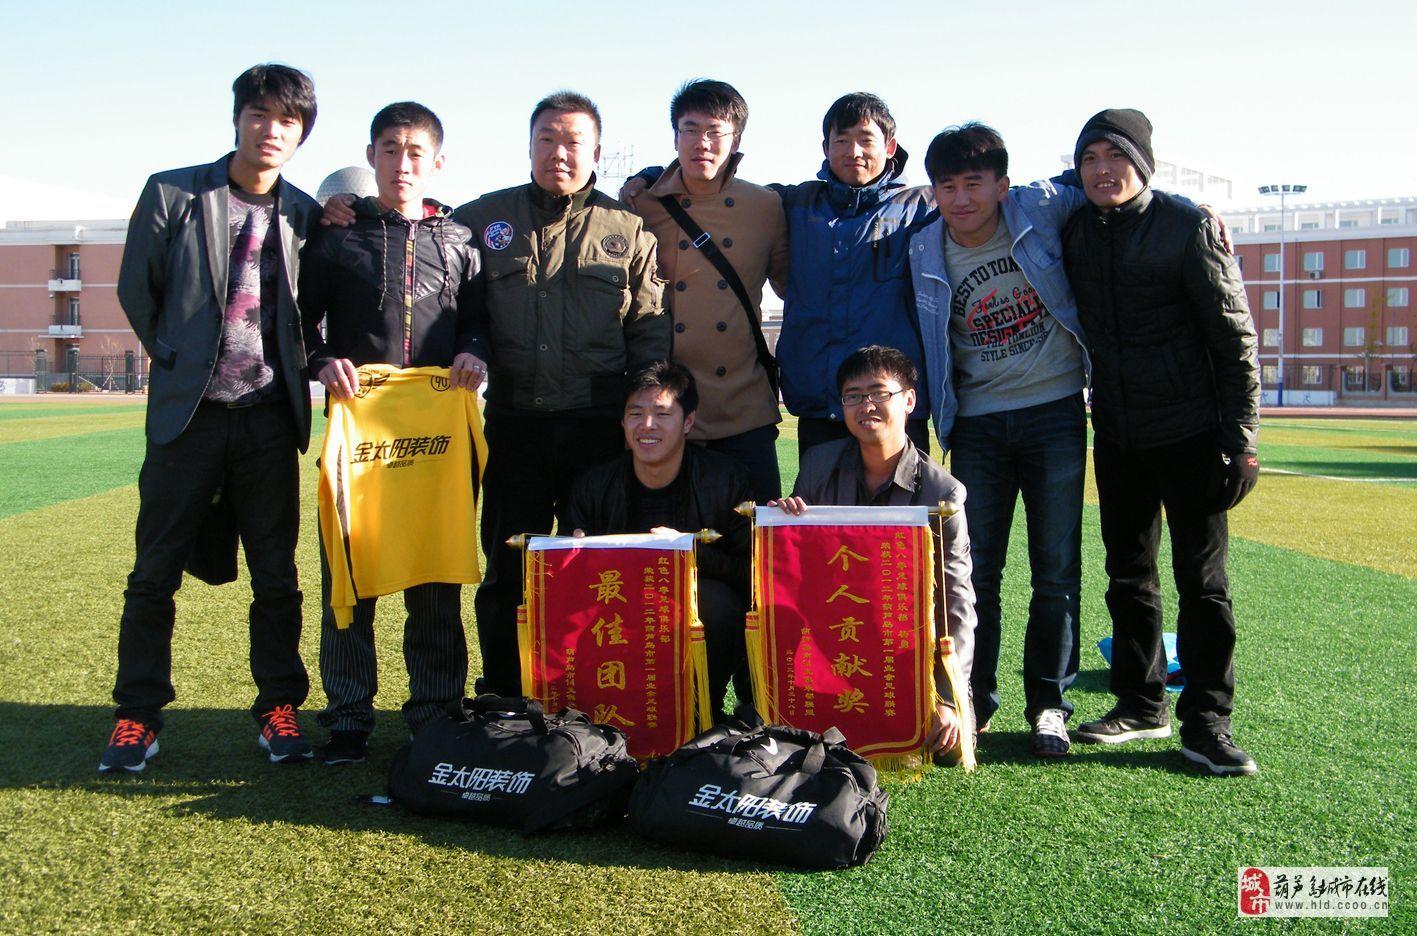 [公告]金太阳装饰公司拥有红色八零足球俱乐部胸前广告冠名权